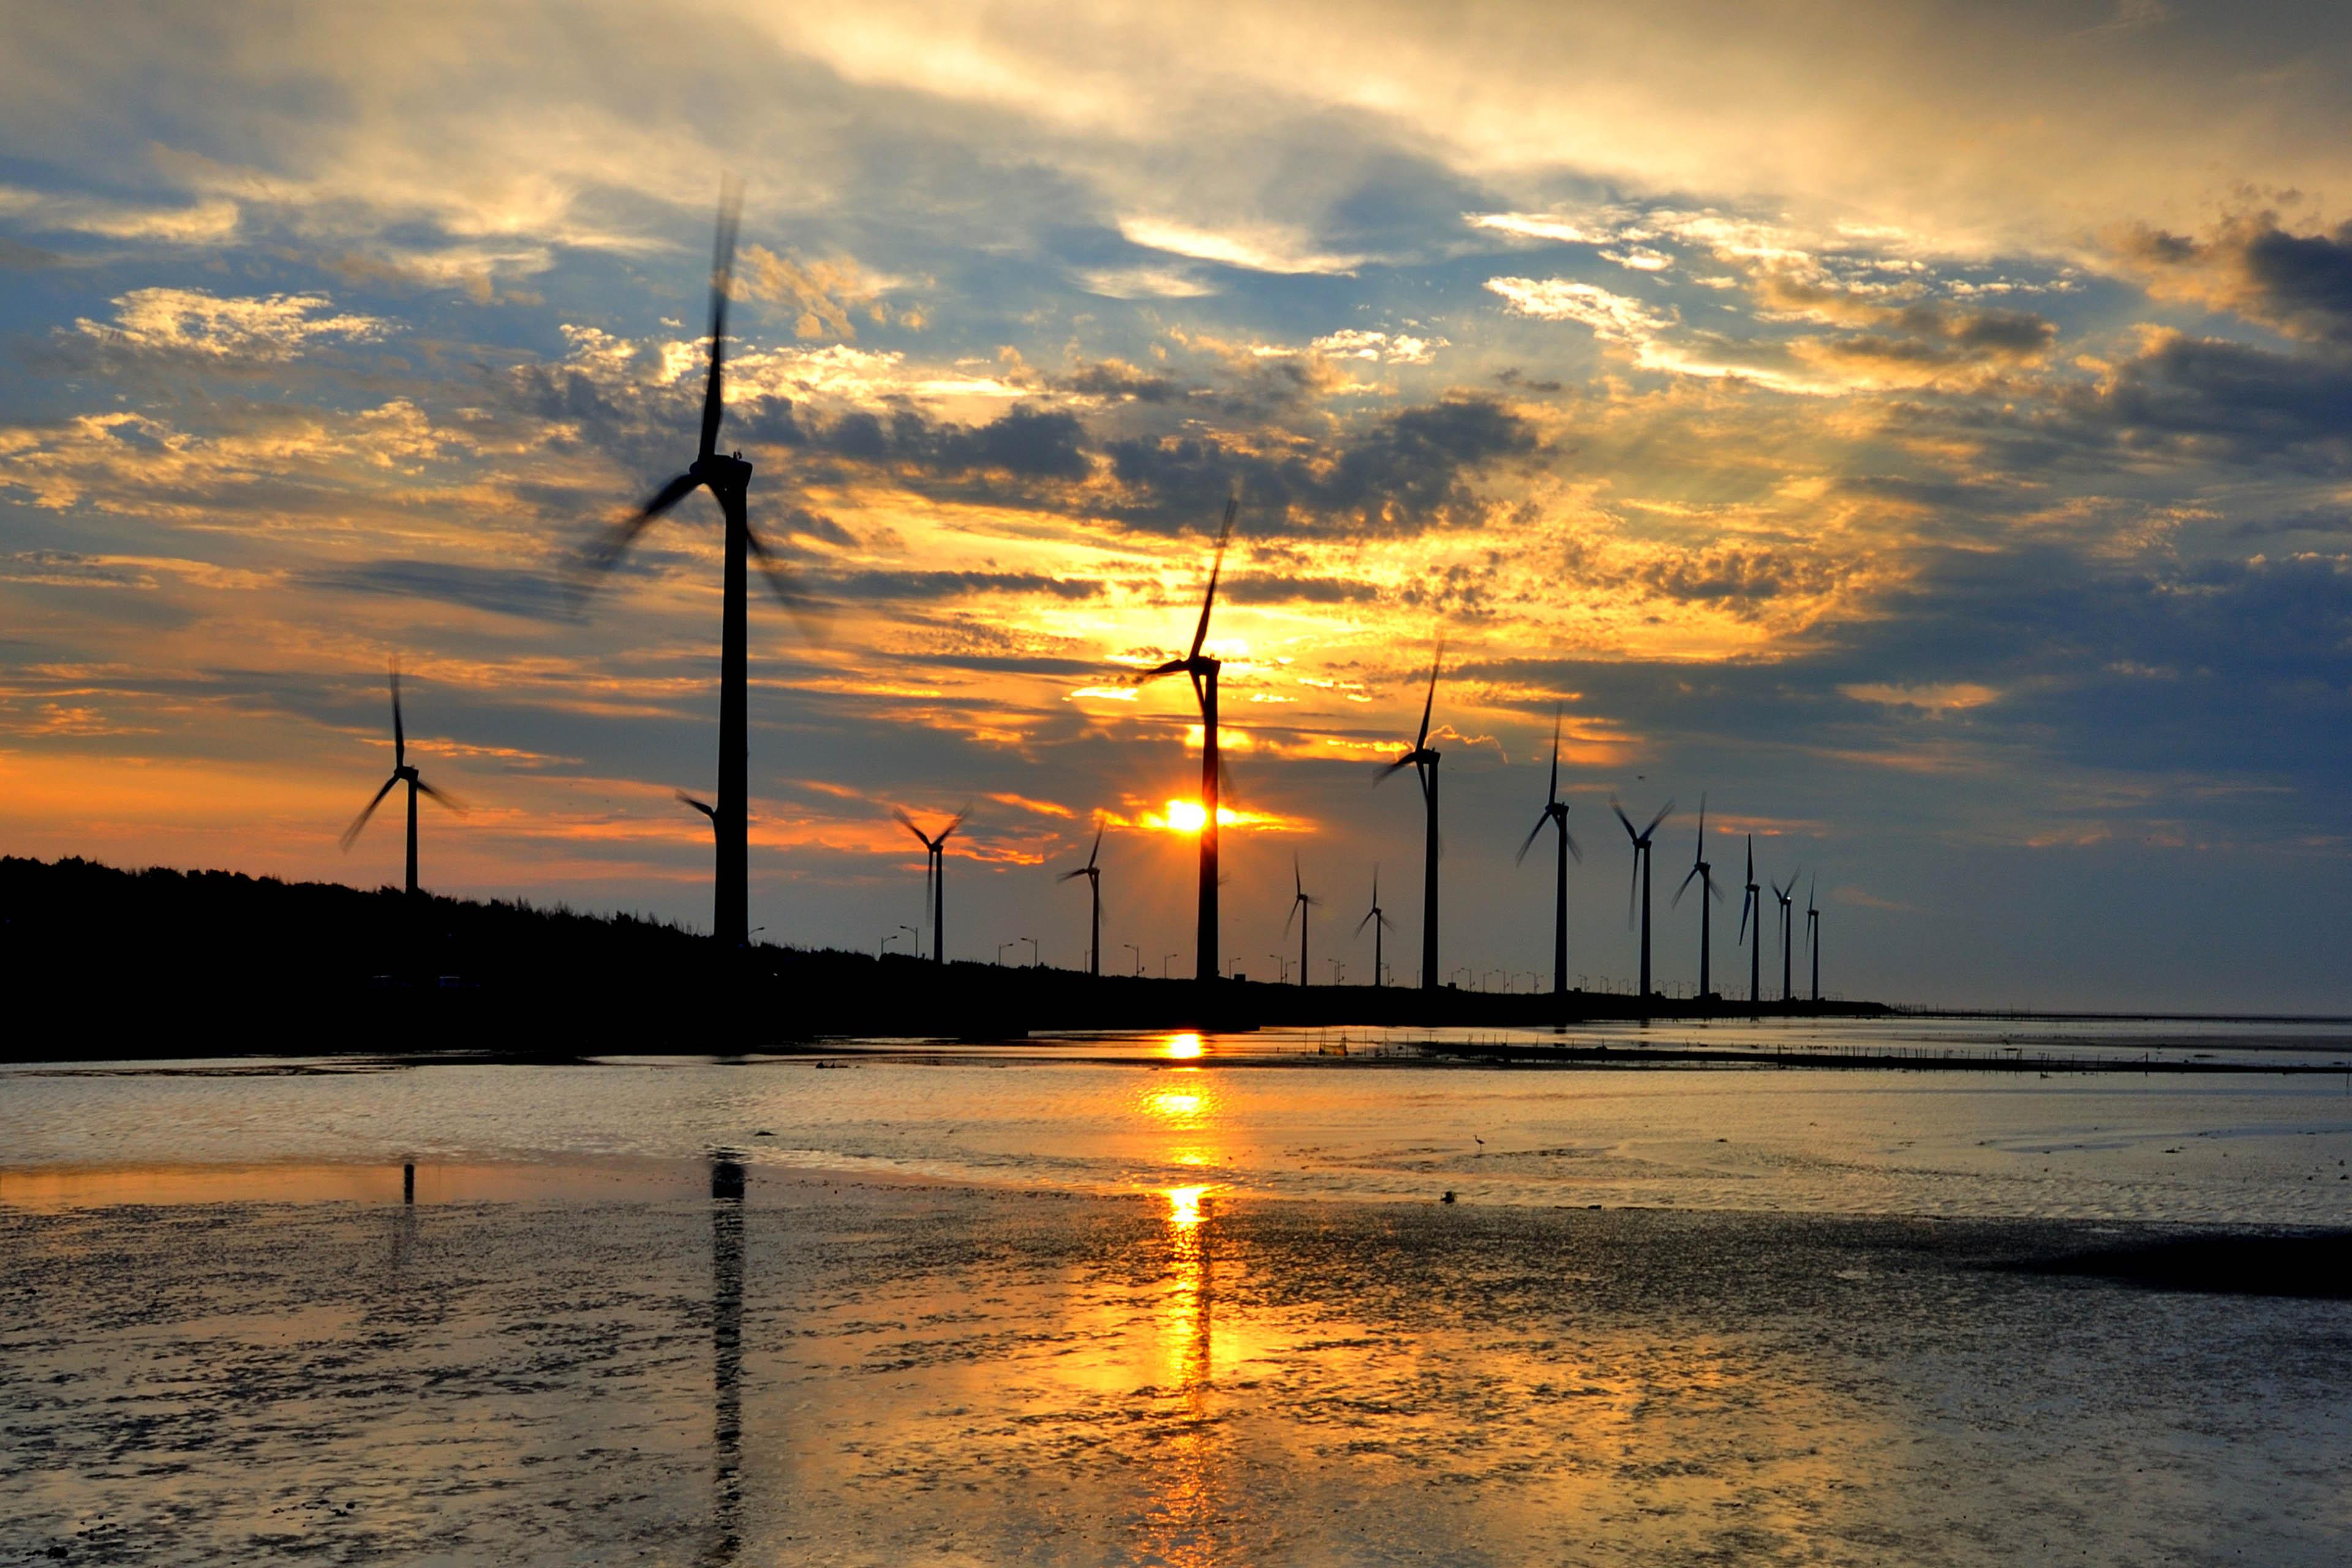 Wind turbines against sunset